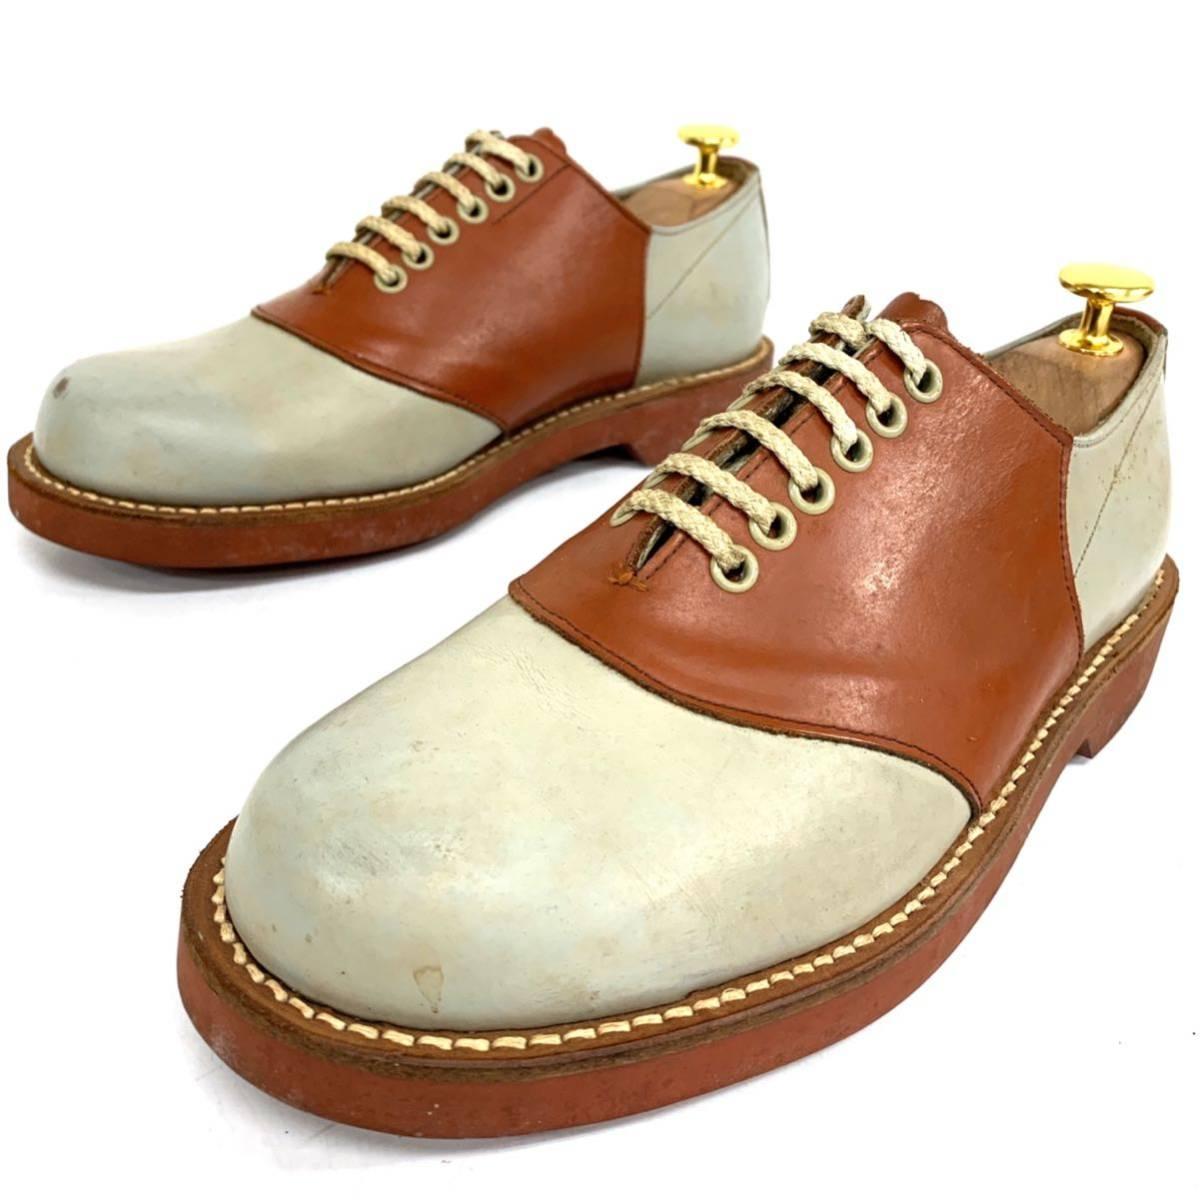 C ☆ 日本製 '洗練されたデザイン' REGAL リーガル 本革 サドルシューズ 革靴 レースアップ プレーントゥ SIZE24cm ビジネス レザー 紳士靴